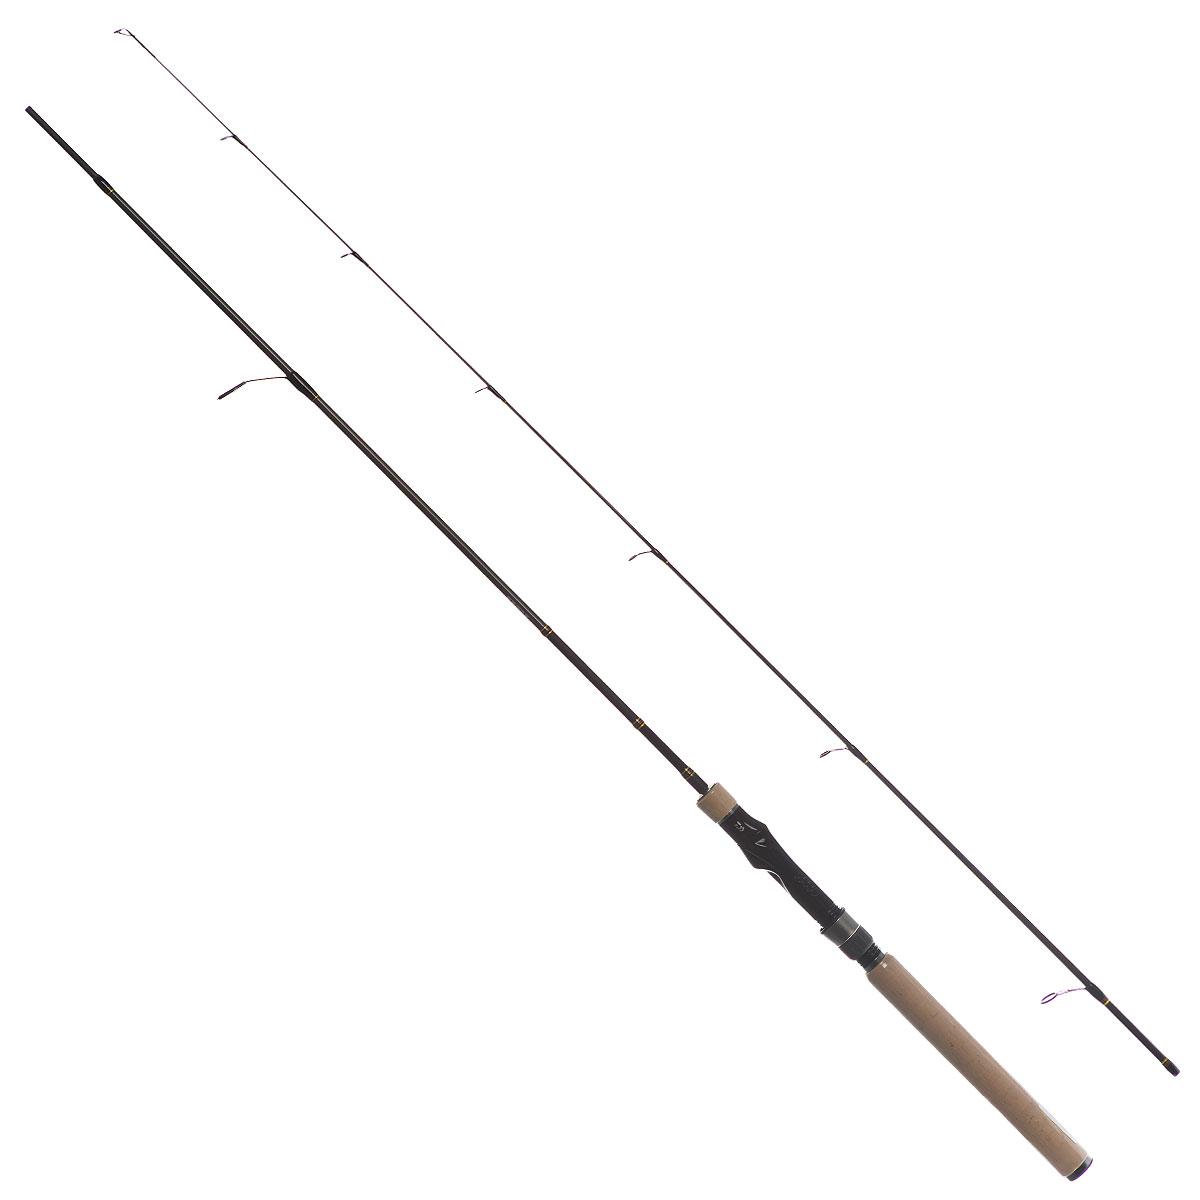 Спиннинг штекерный Daiwa Team Daiwa-AR, 1,98 м, 0,8-7 г